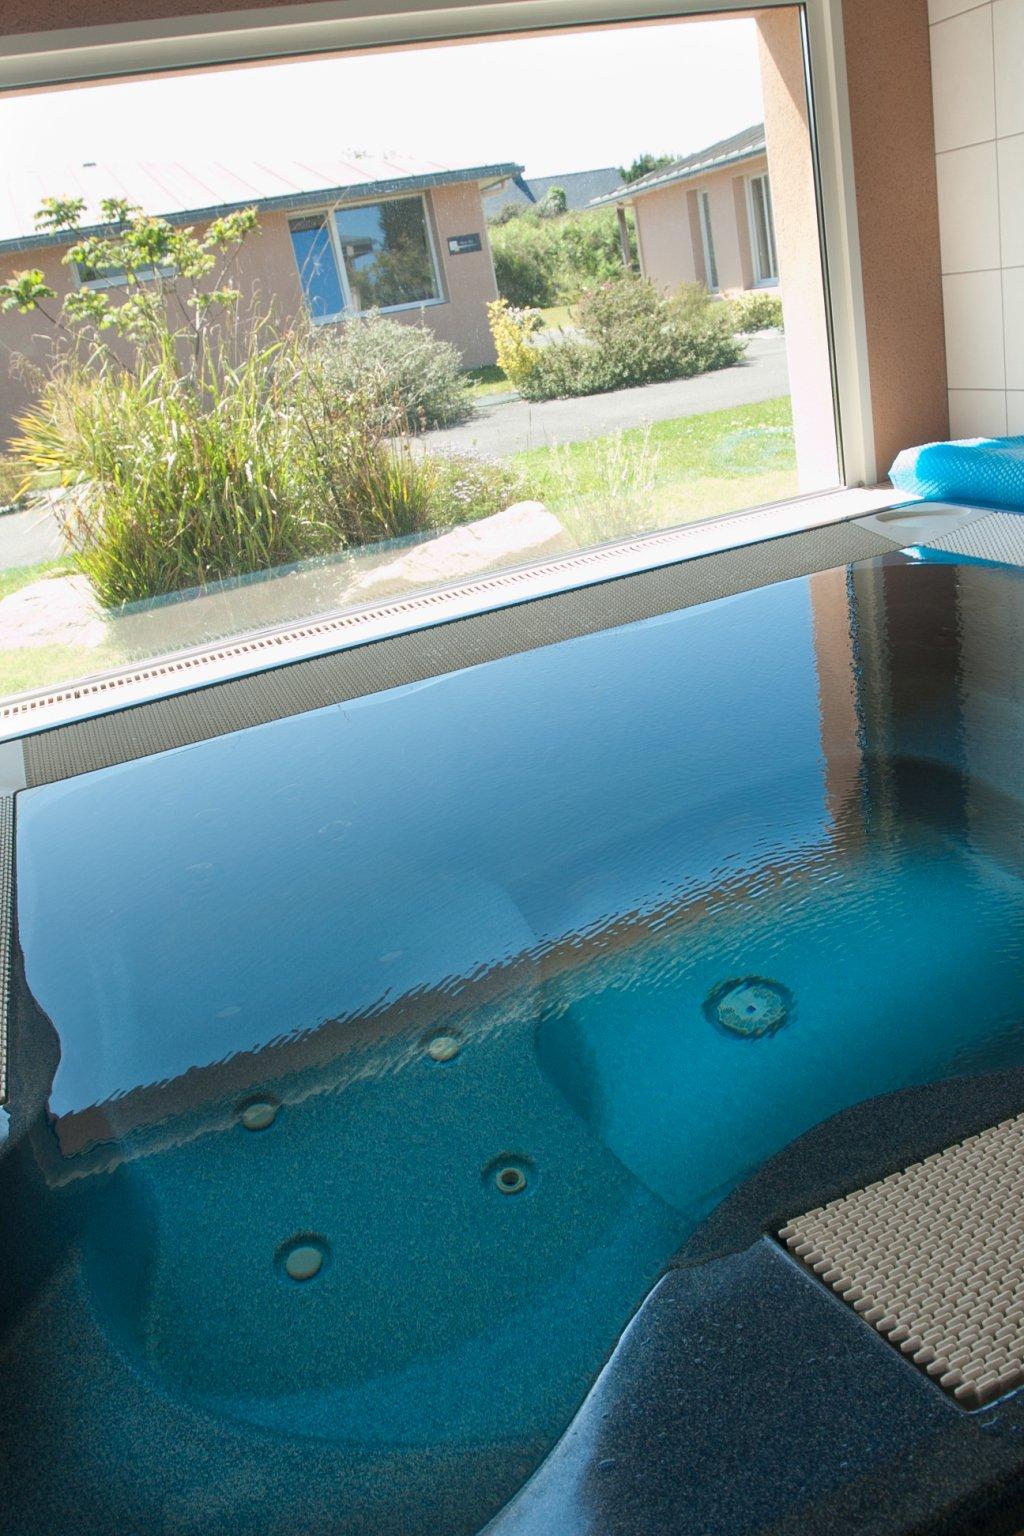 Maison vacances avec piscine guiss ny location 6 personnes for Centre de vacances avec piscine couverte